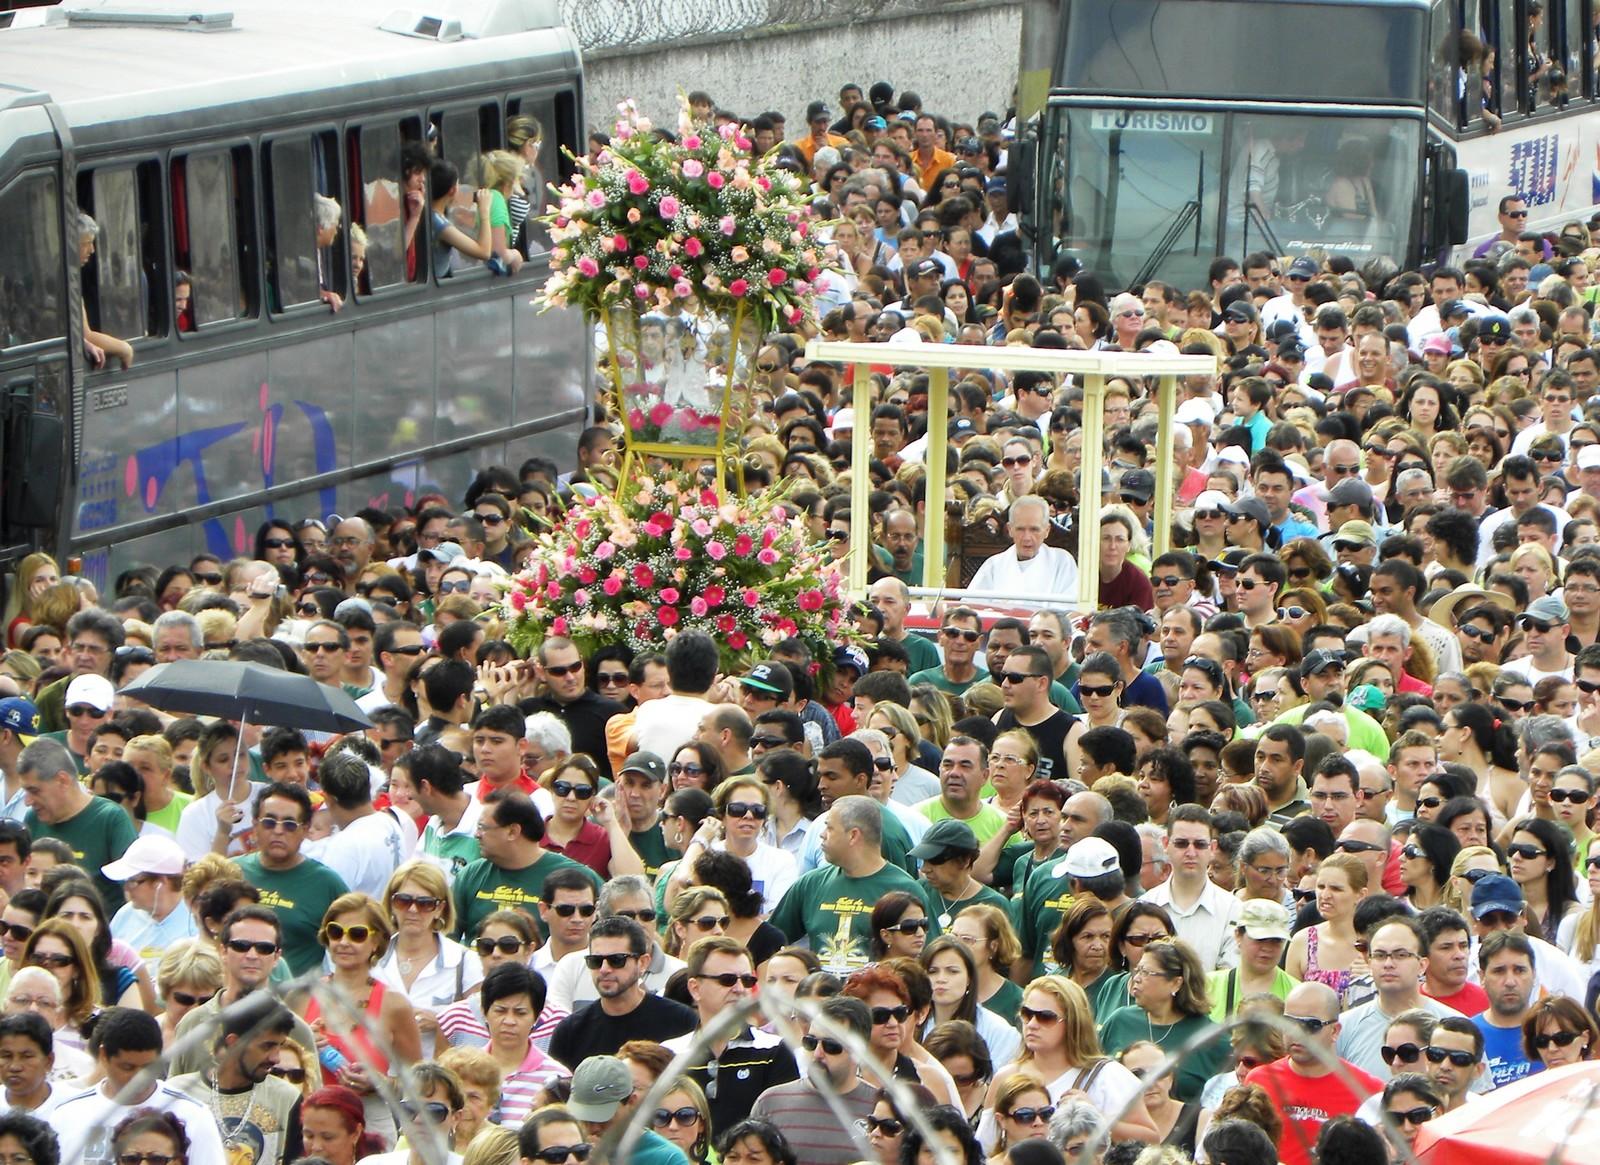 La Milagrosa Nuestra Señora del Rocío de Paraná, Brasil (15 nov)